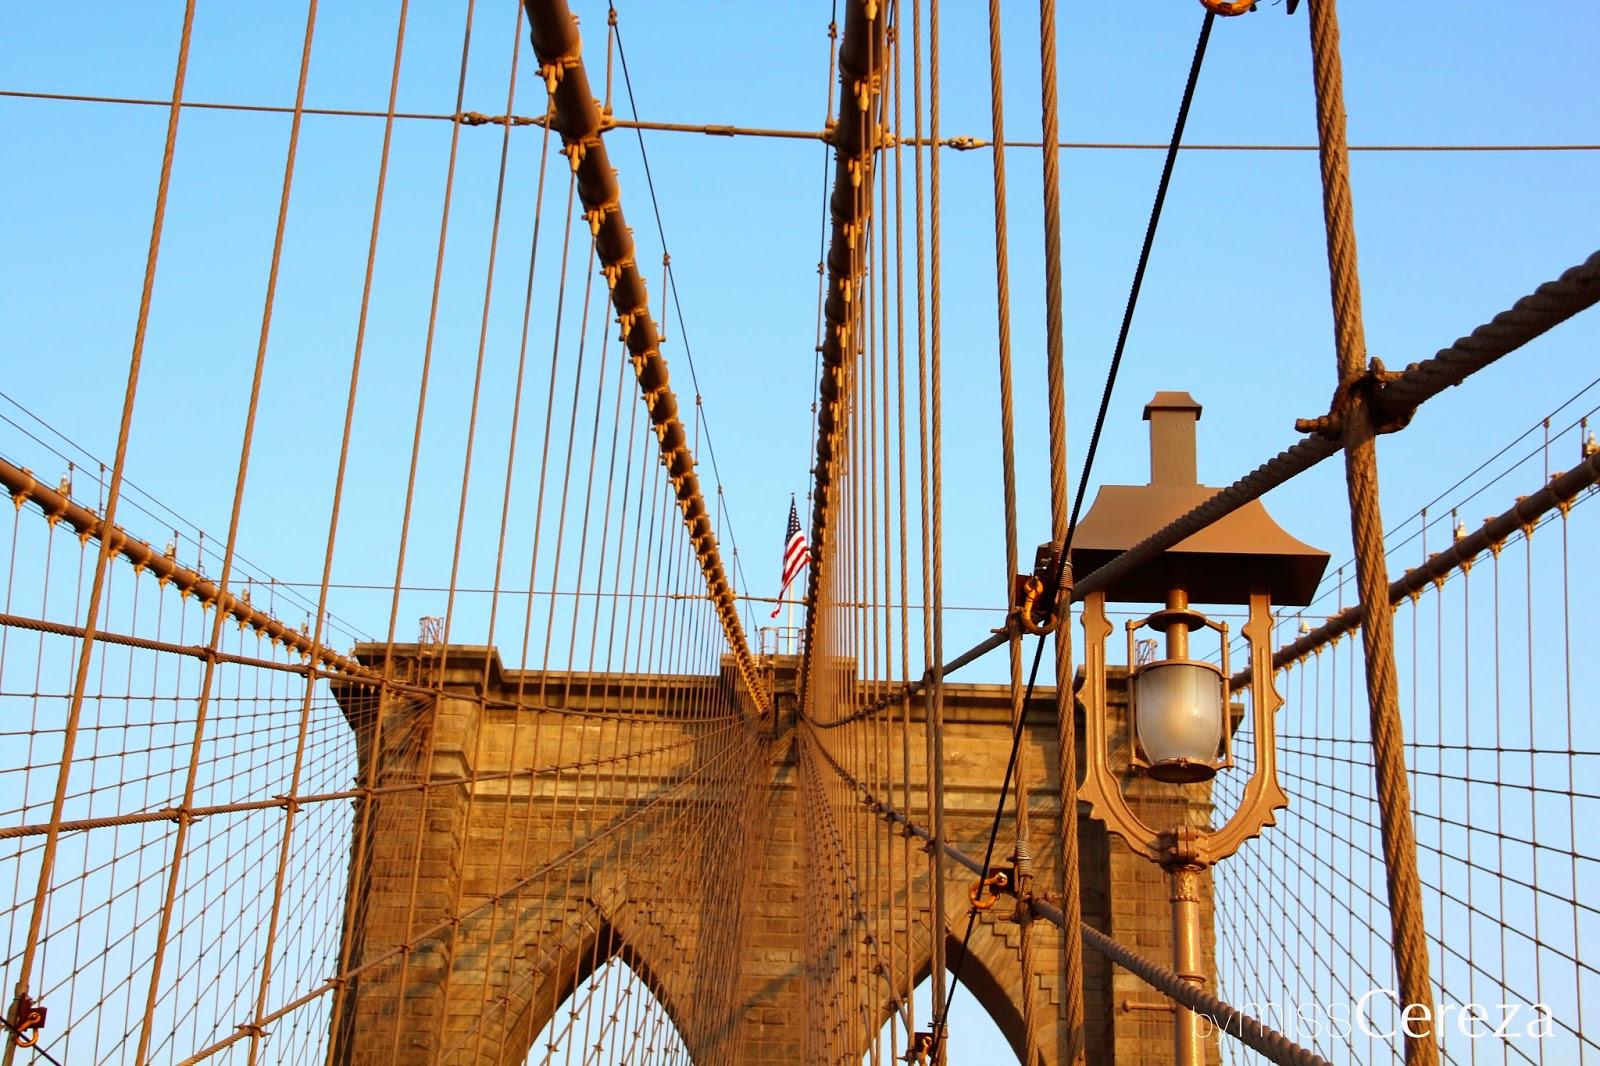 Puente de brooklyn NY